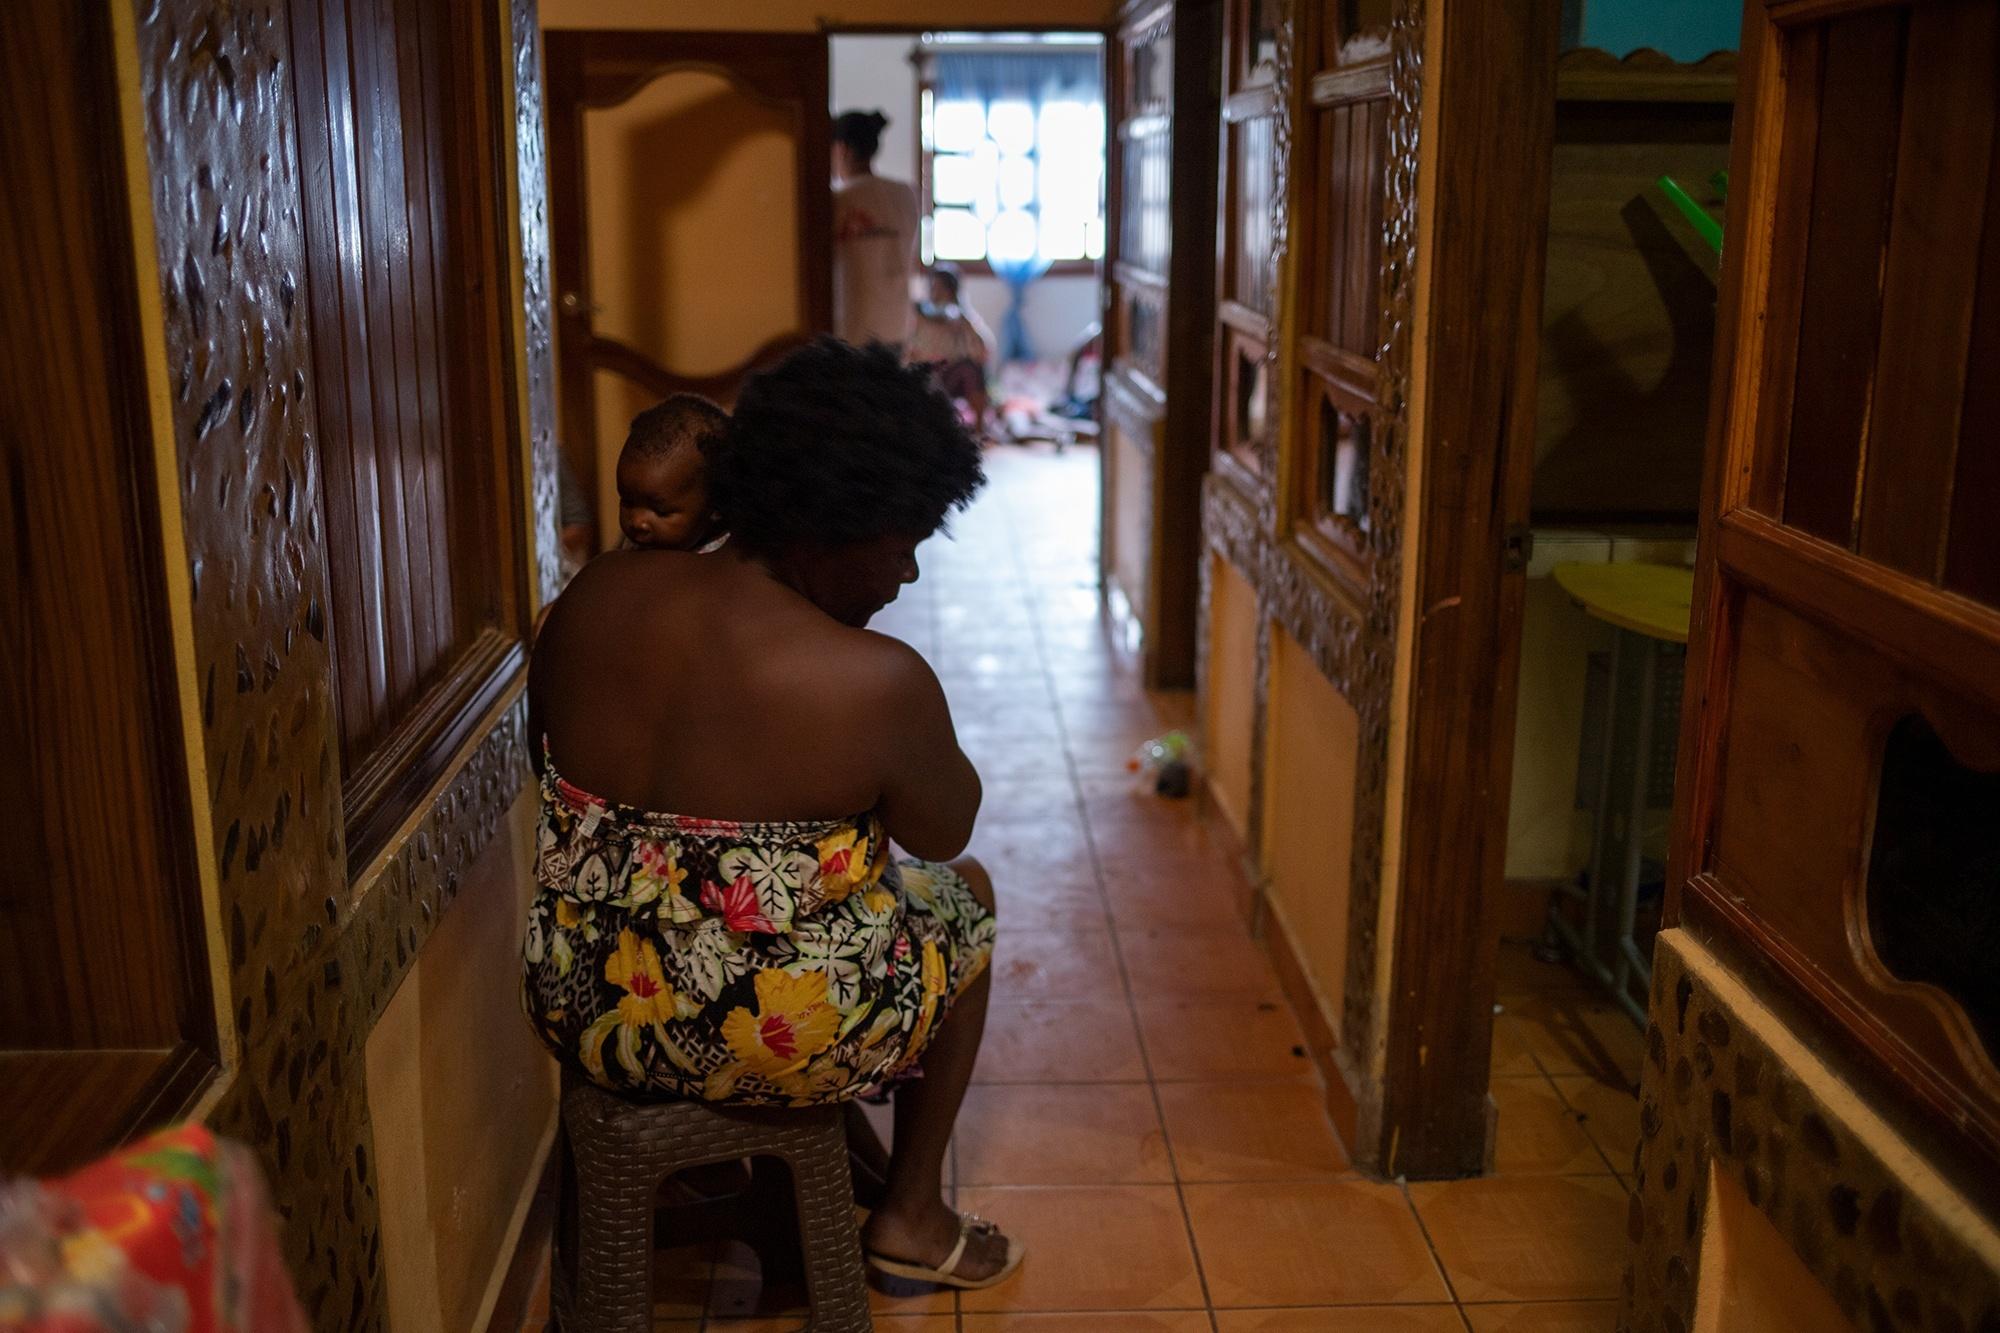 Sheila, de 38 años, es una migrante haitiana que viaja junto a sus tres hijos desde Chile, de donde salieron hace tres meses. Sheila y su familia llevaban 16 días en Honduras hasta que el INM les otorgó el salvoconducto que les permitió continuar con su camino hacia Estados Unidos. Trójes, El Paraíso, 21 de abril de 2021. Foto: Martín Cálix.